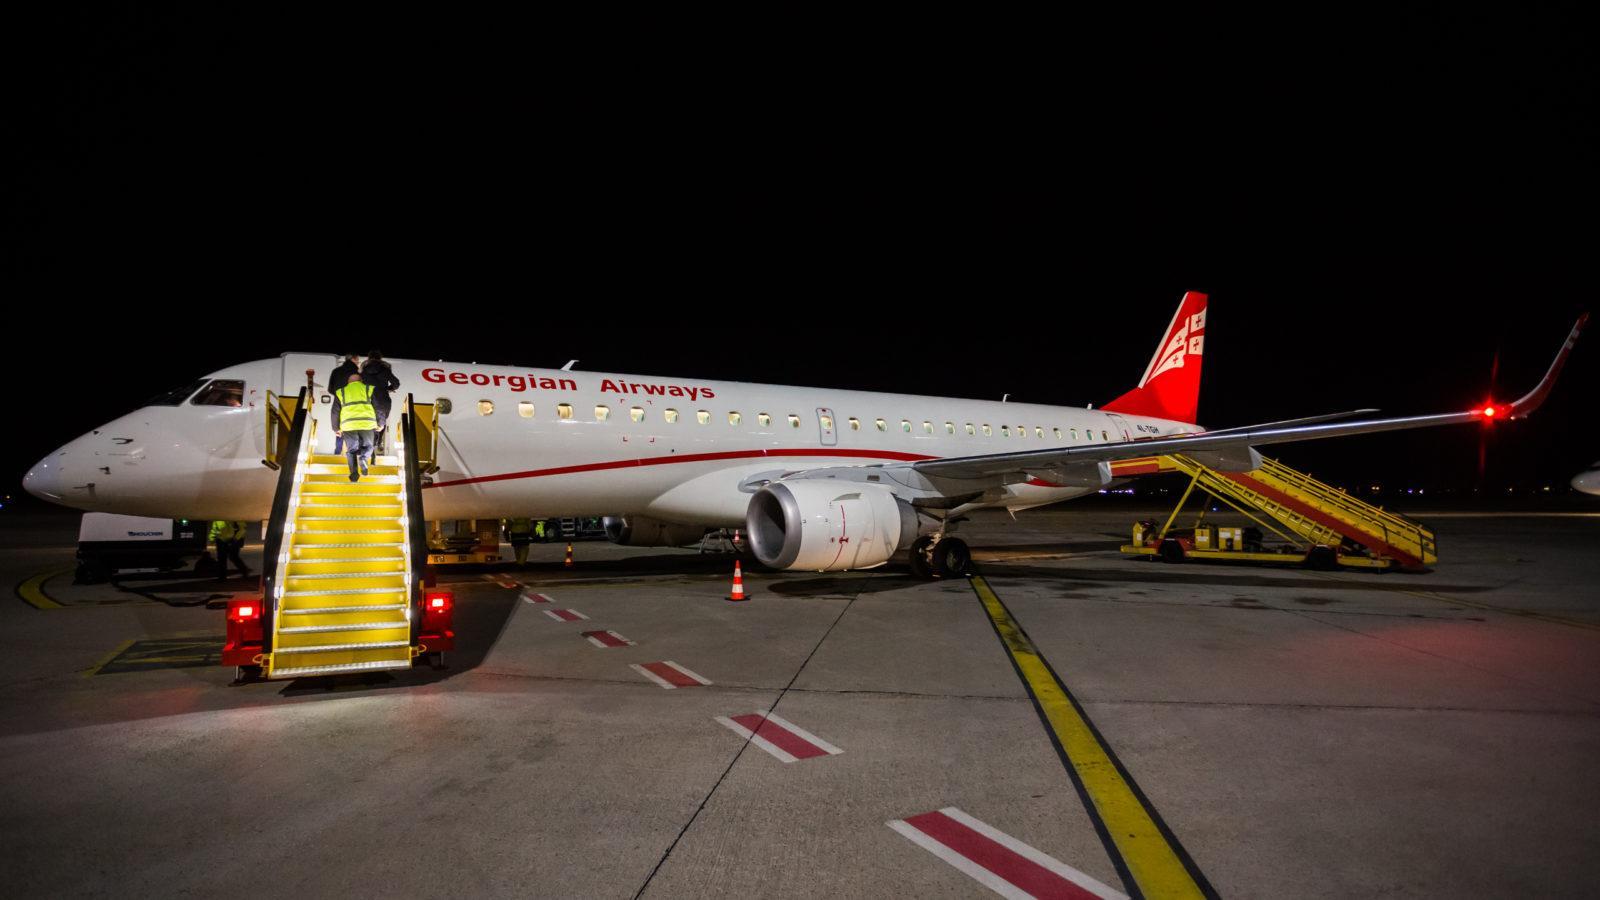 georgian airlines - ავიაკომპანია საქართველოს ავიახაზები - Georgian Airways